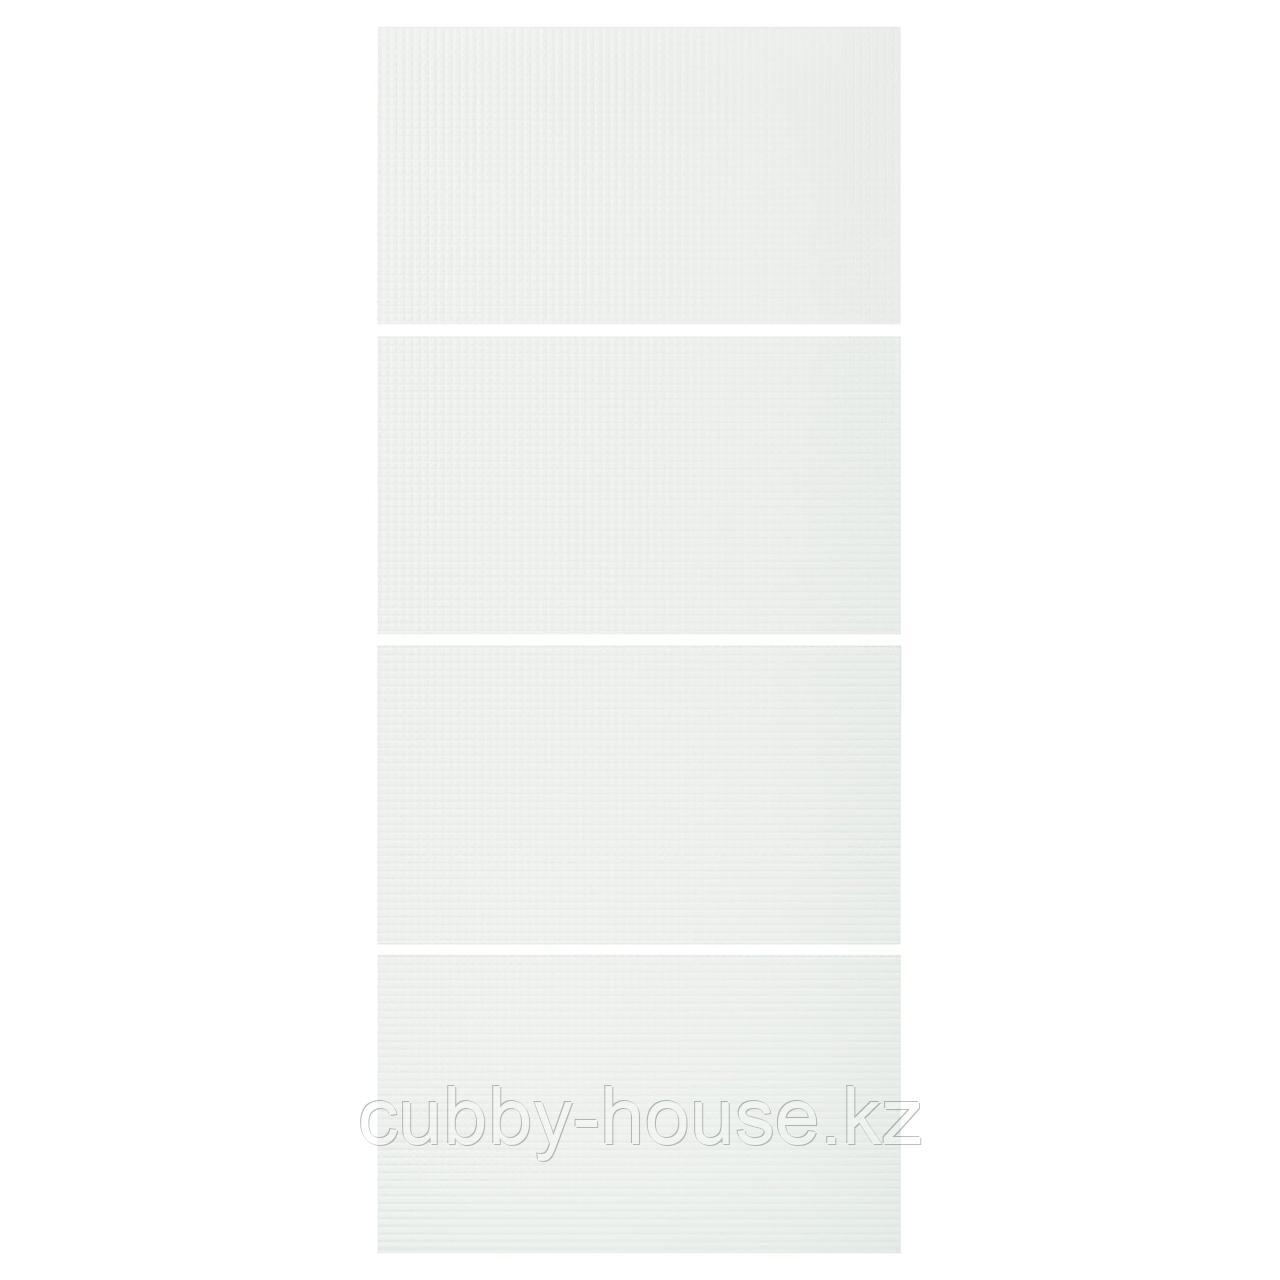 НЮКИРХА 4 панели д/рамы раздвижной дверцы, закаленное стекло,орнамент «клетка», 75x236 см